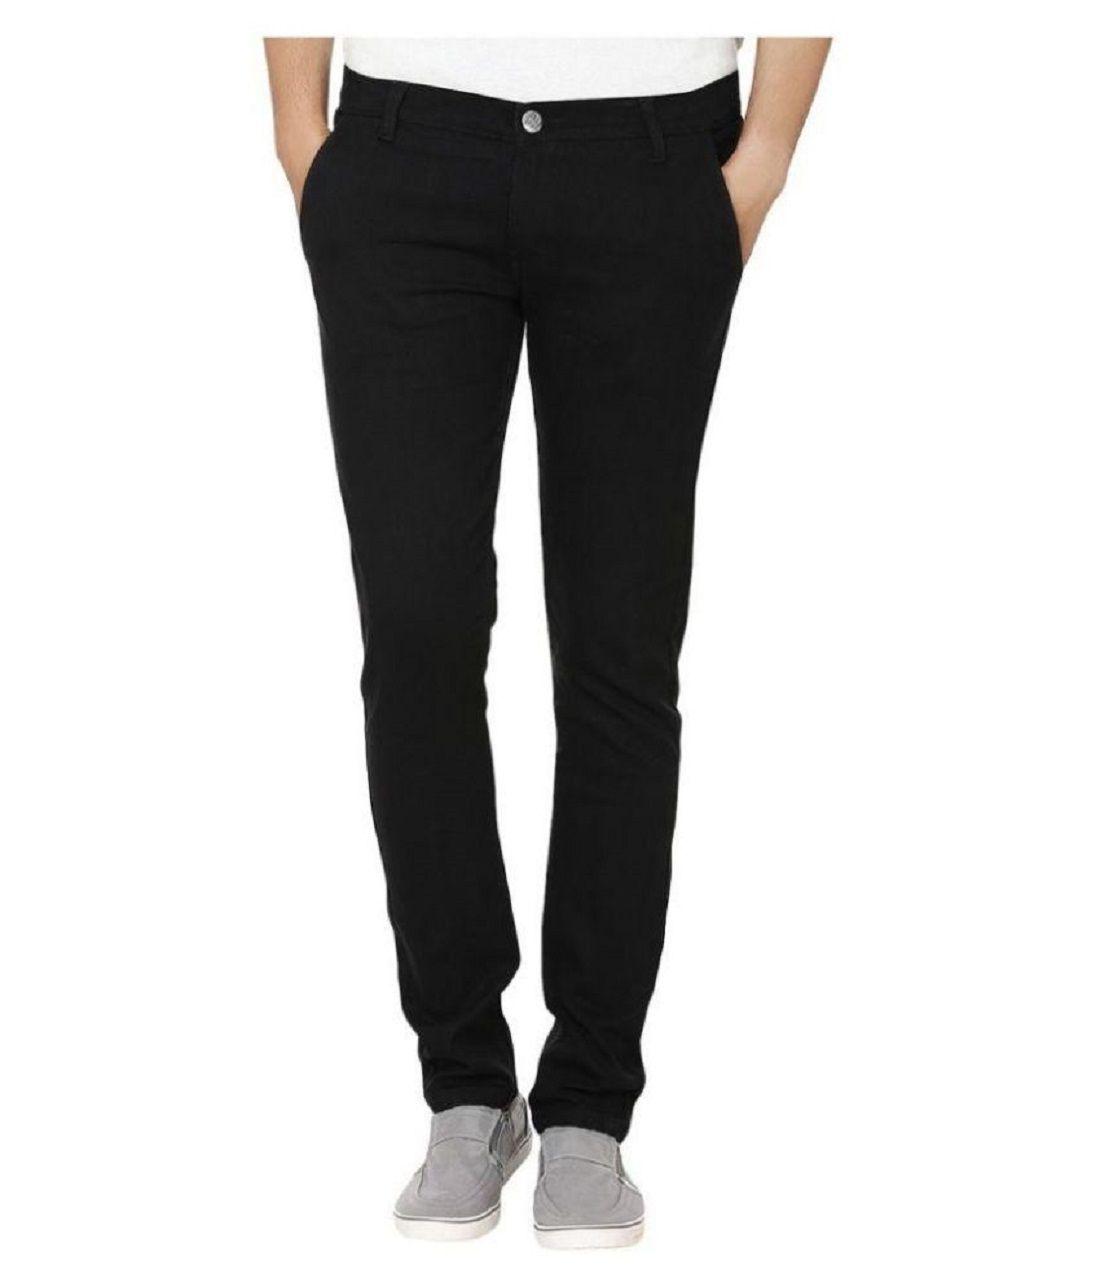 Urbano Fashion Black Slim Jeans